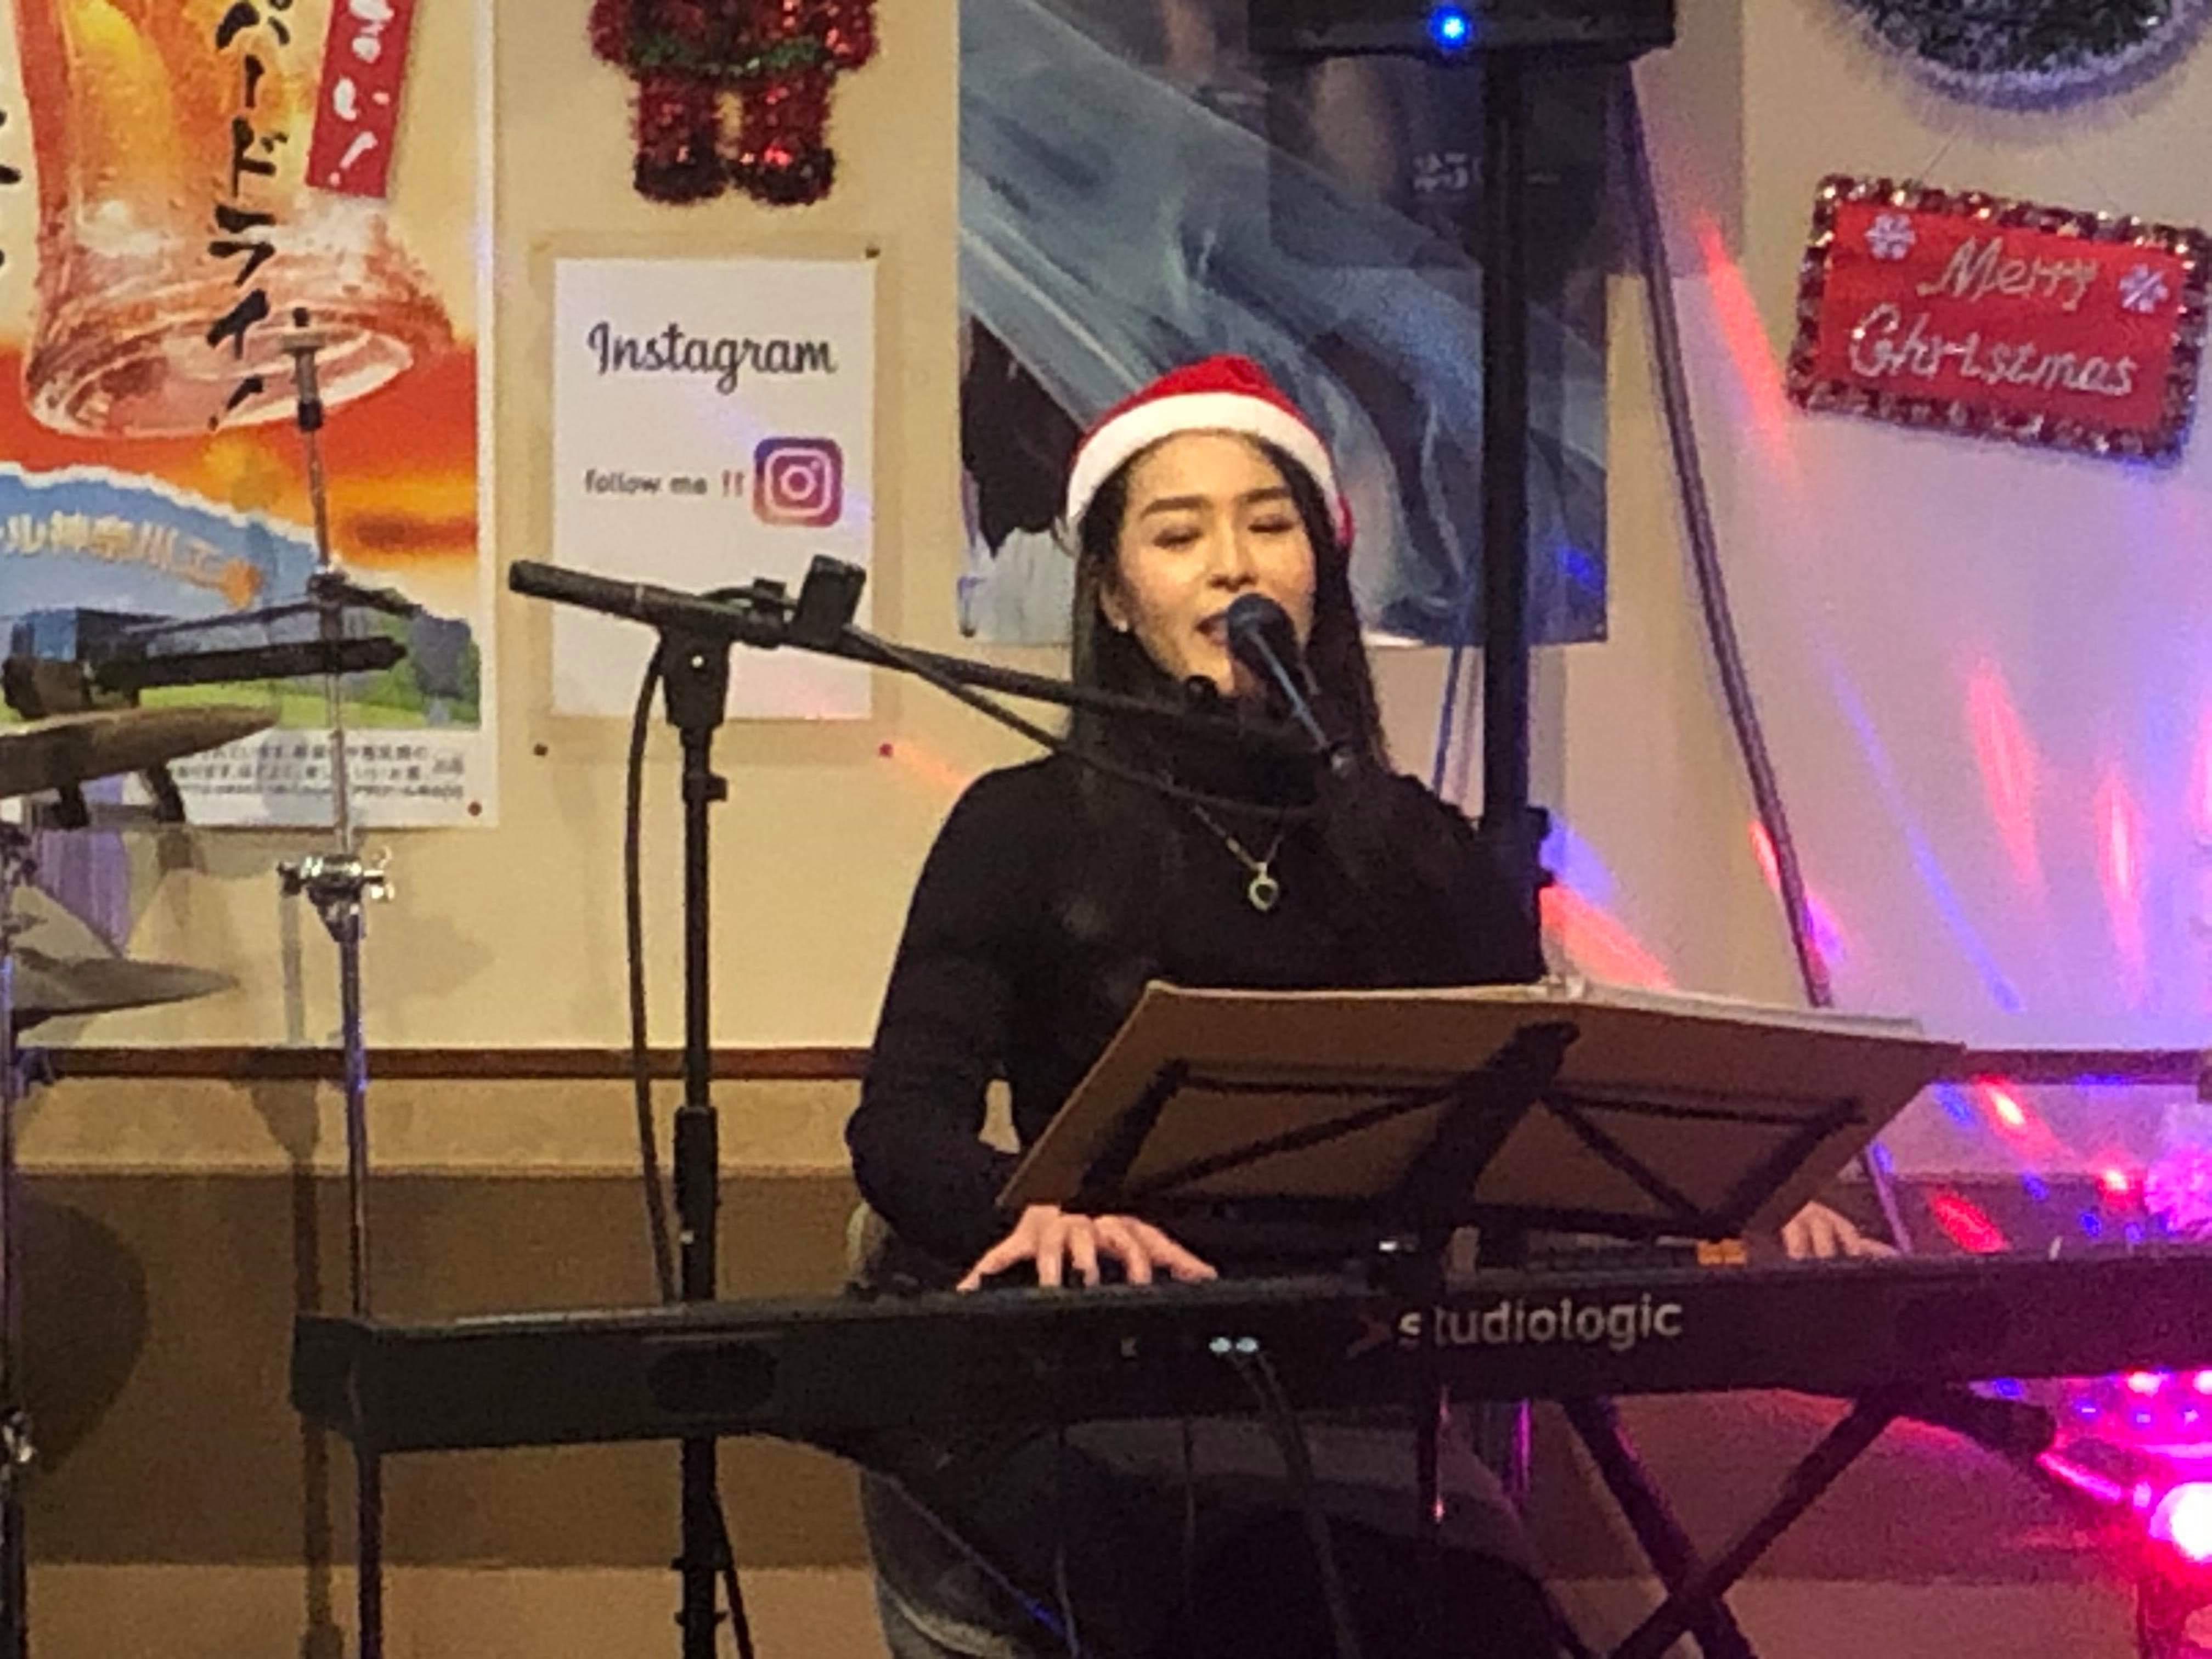 クリスマスライブ成功☆次は27日路上ライブ(^o^)